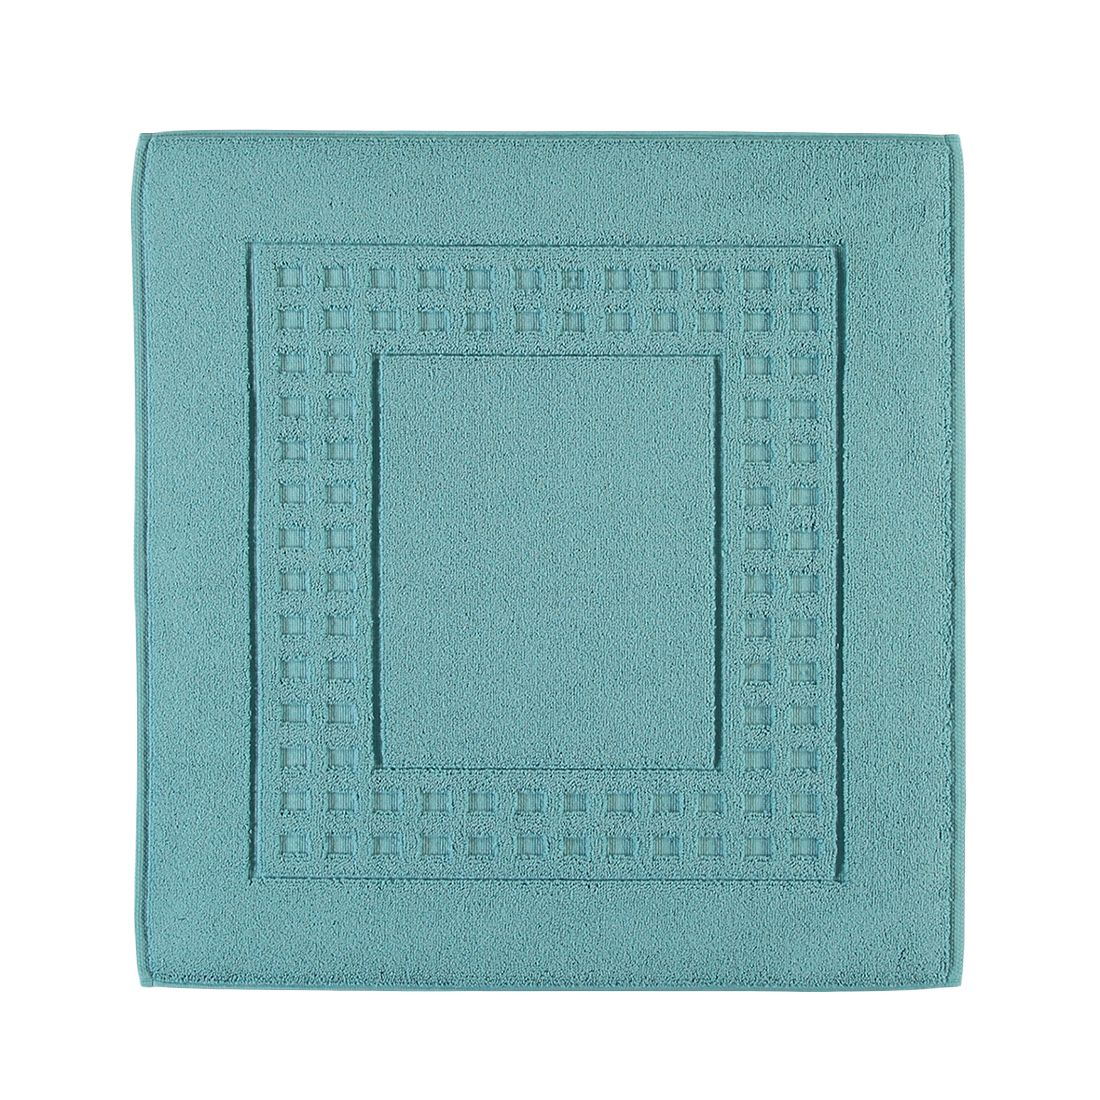 Badteppiche Country Style – Baumwolle – Larimar – 67×120 cm, Vossen kaufen